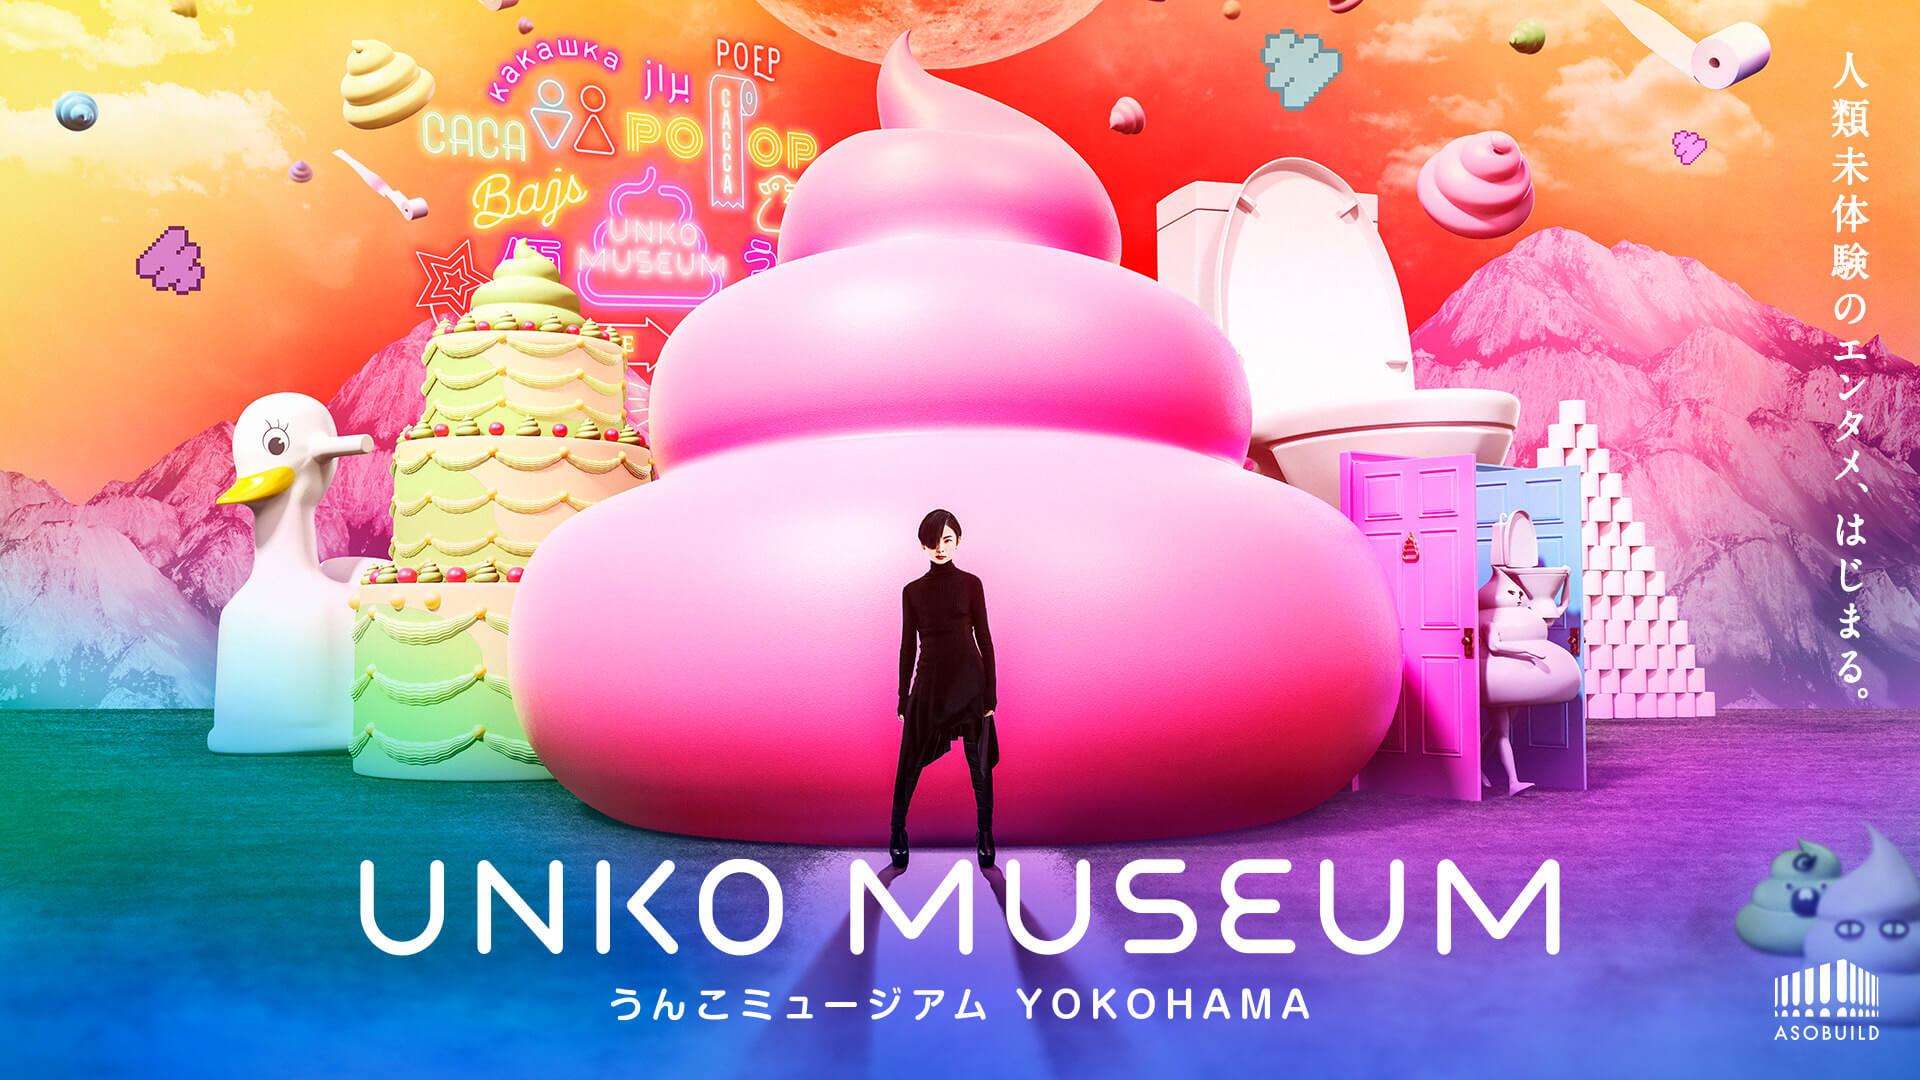 うんこミュージアムYOKOHAMA unko museum